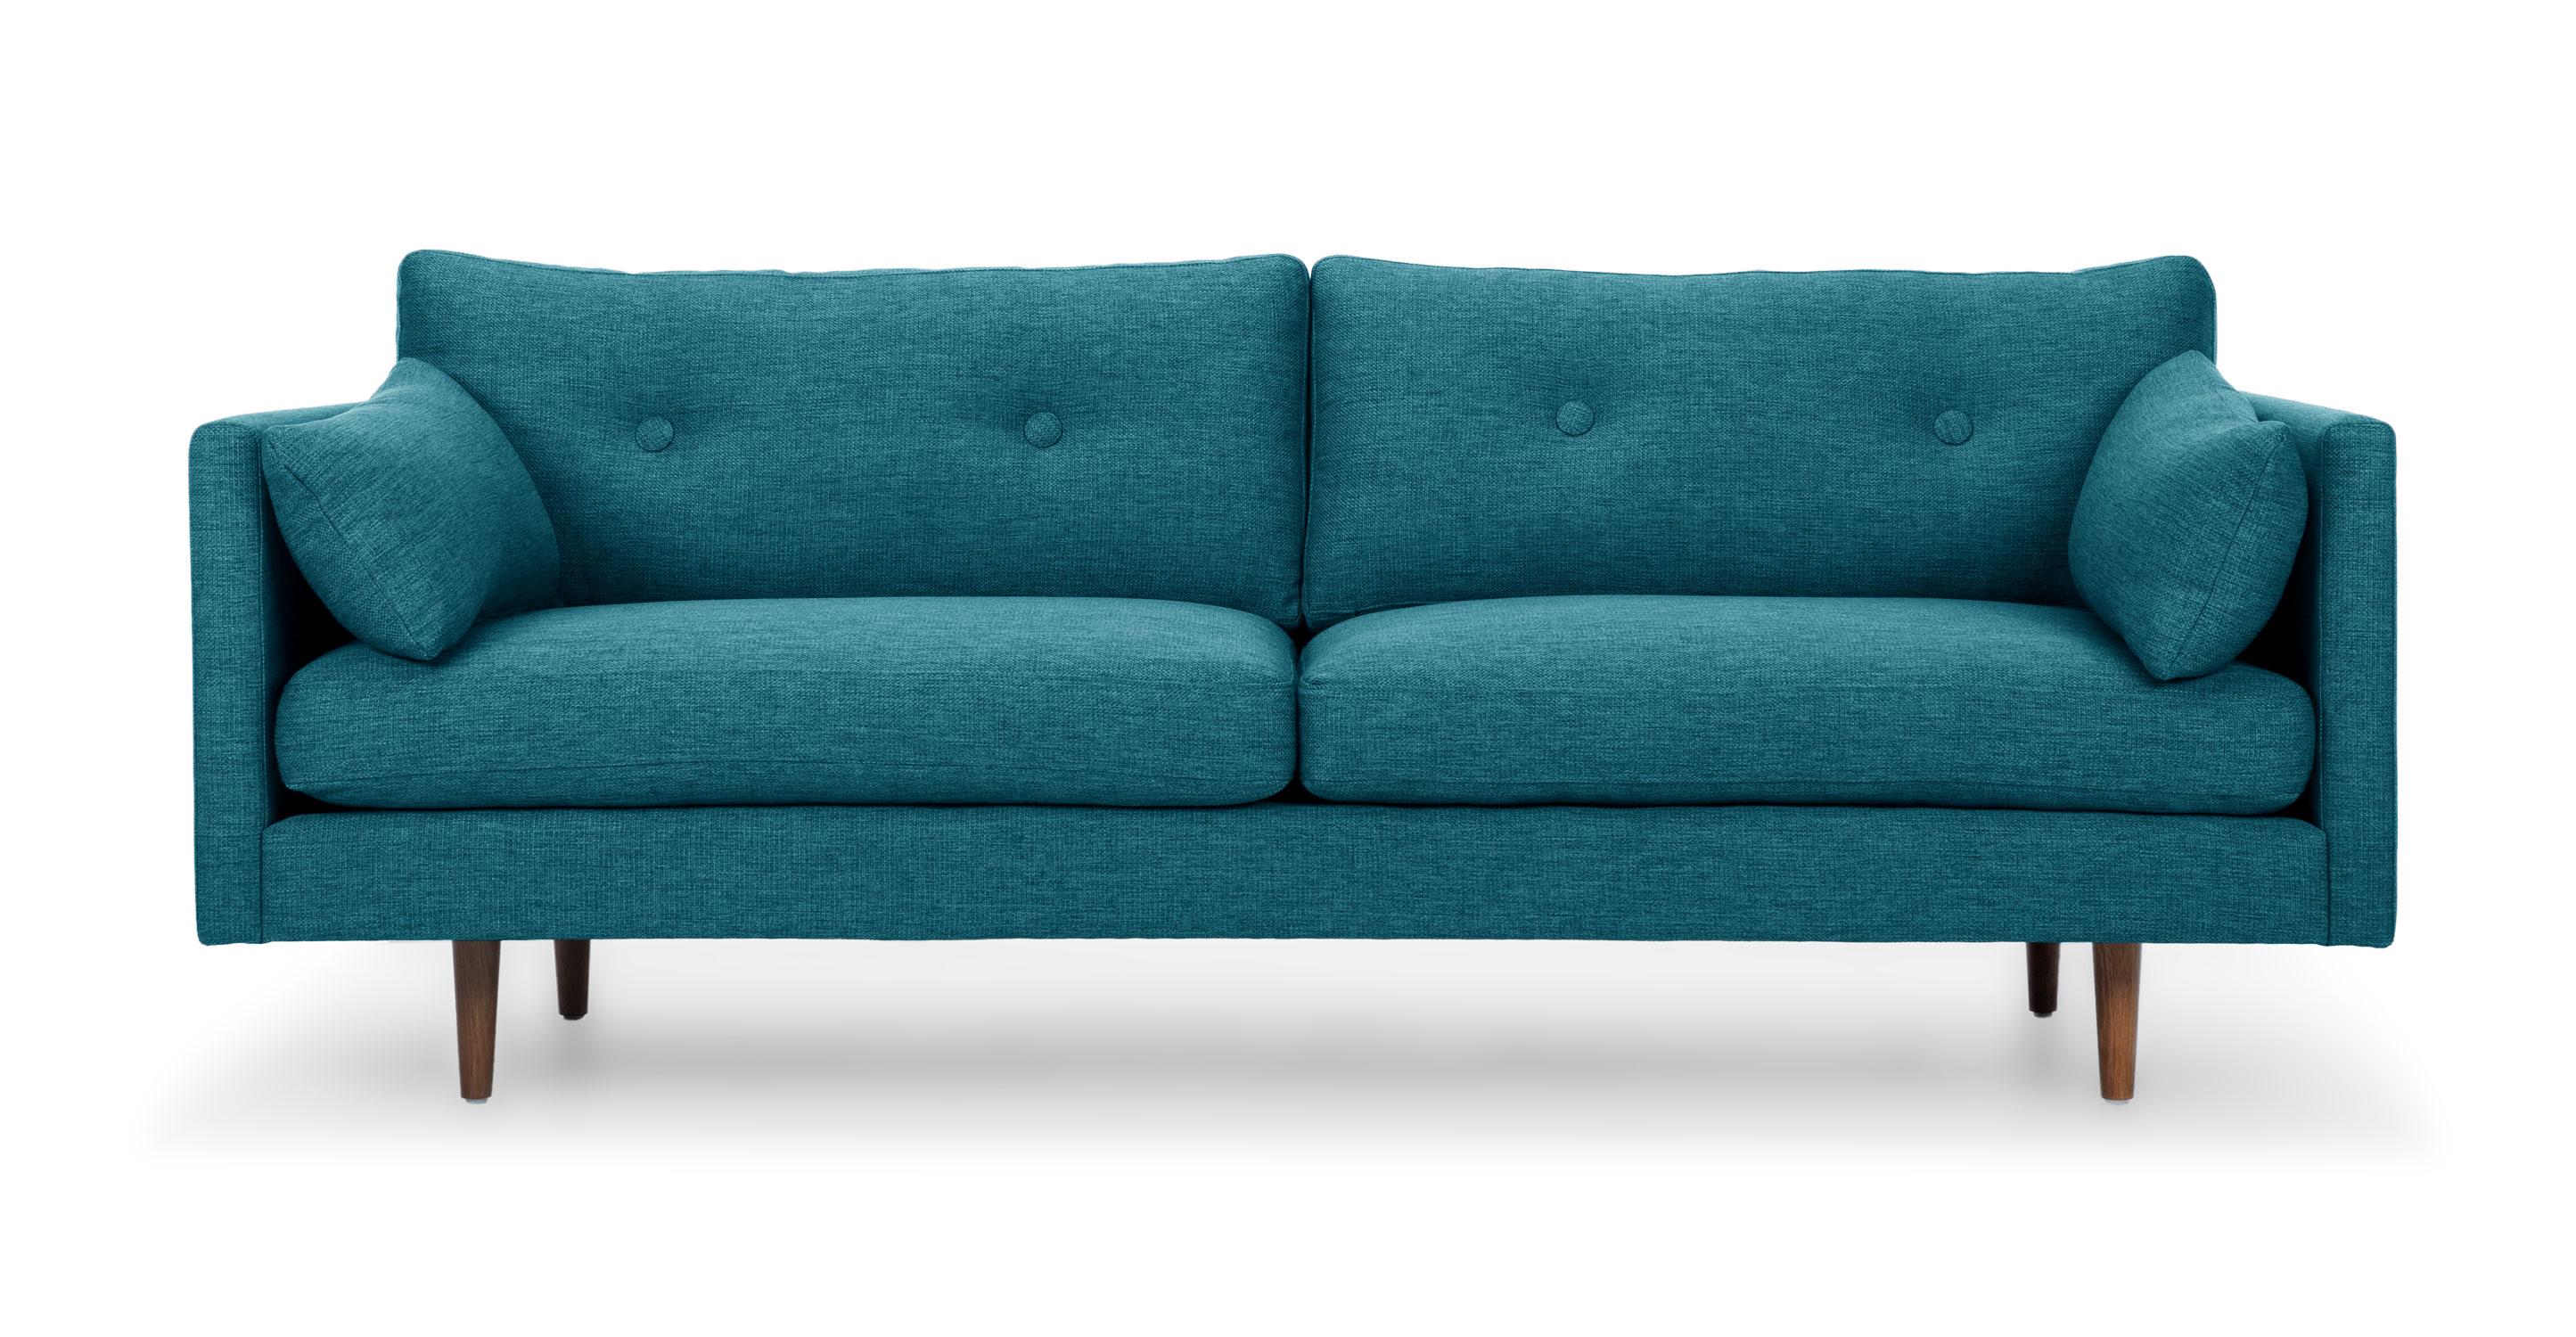 Anton Arizona Turquoise Sofa Sofas Article Modern Mid